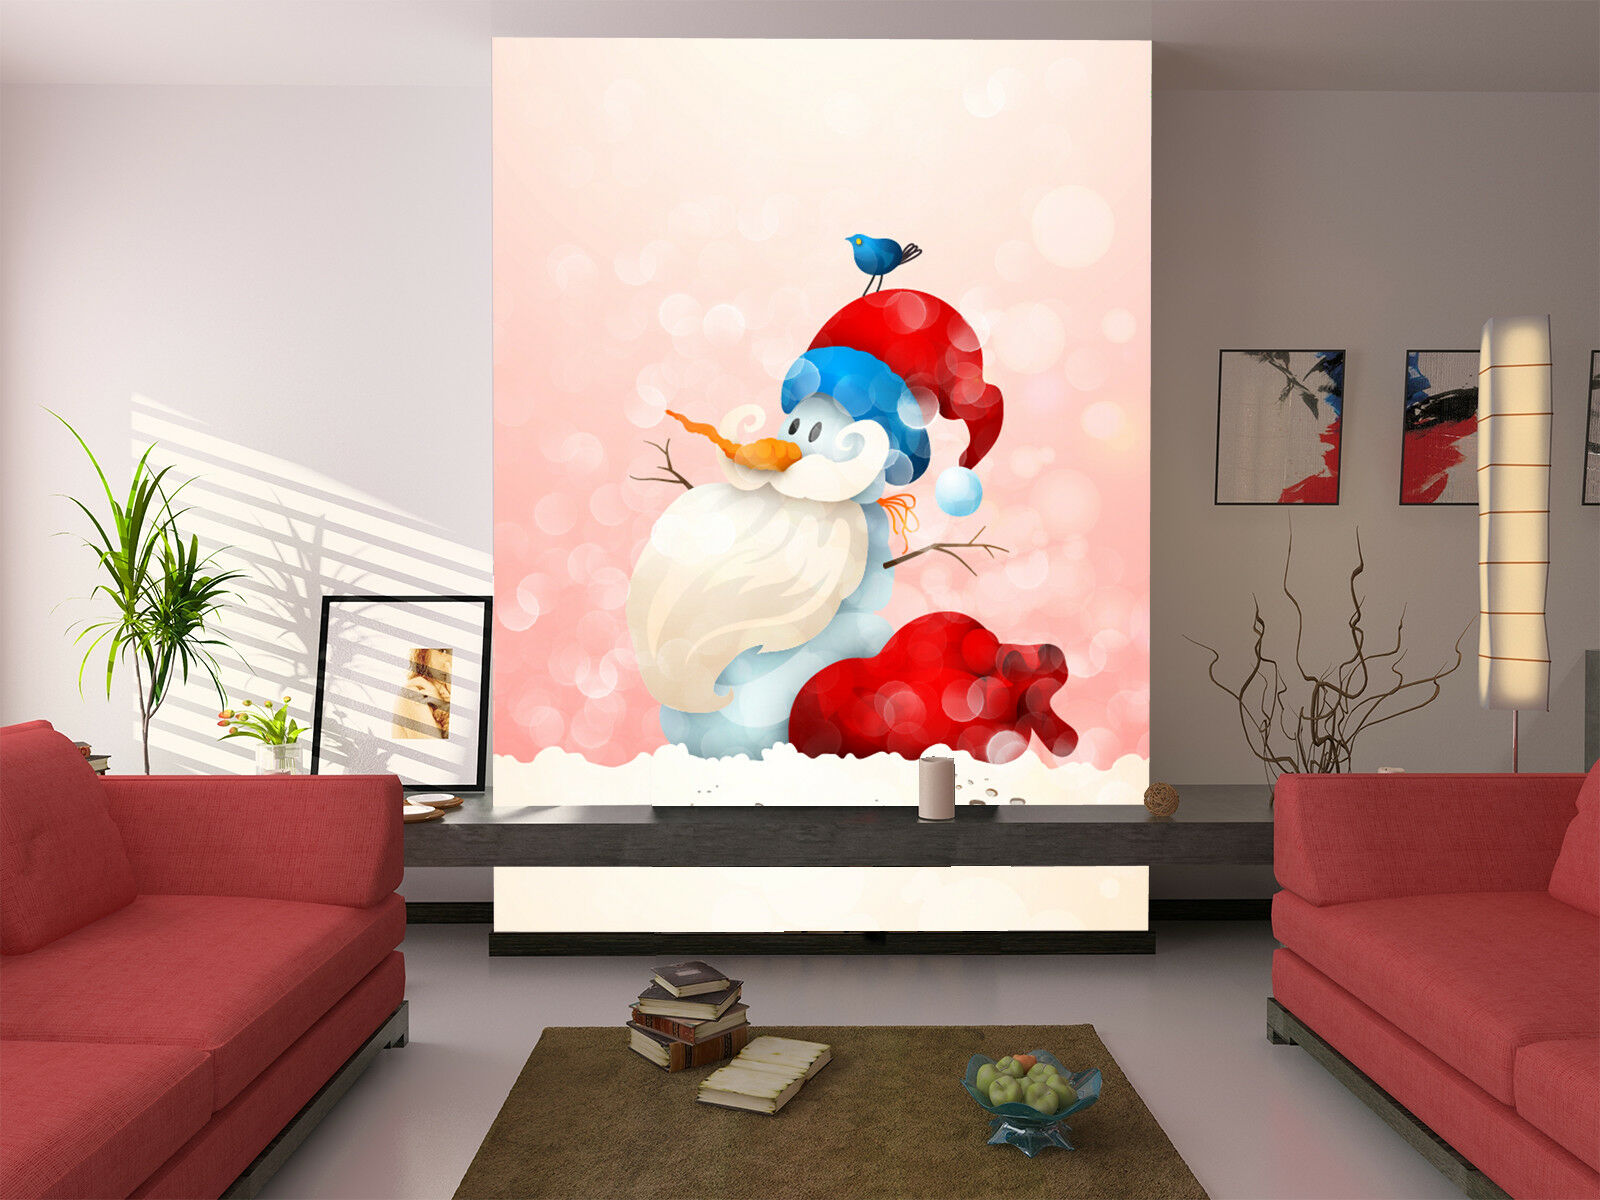 3D Weiß Bearded Snowman 74 Wallpaper Mural Paper Wall Print Wallpaper Murals